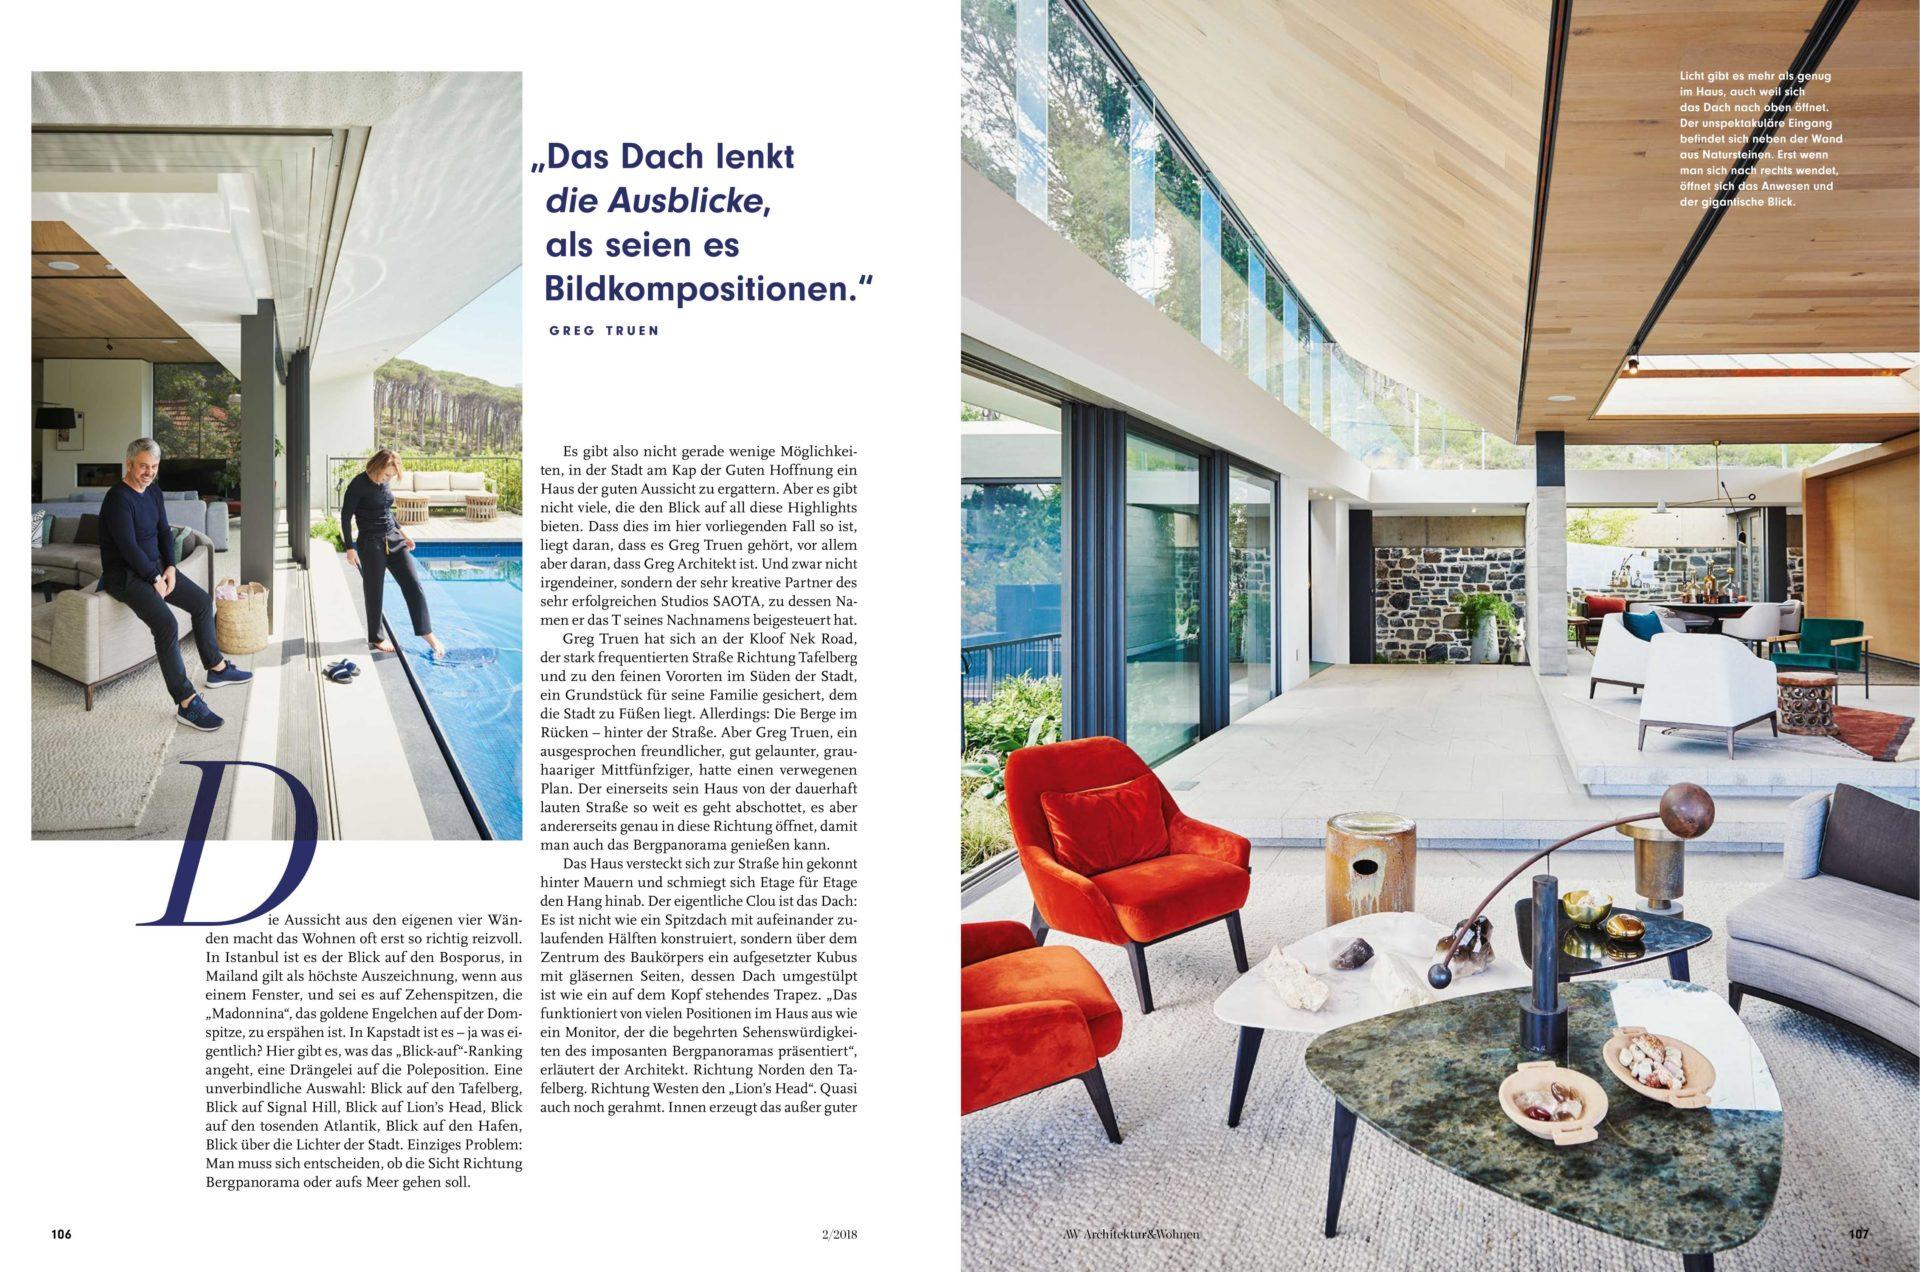 Best Kloof A Cape Town In Architektur Wohnen Magazine With Wohnen  Architektur